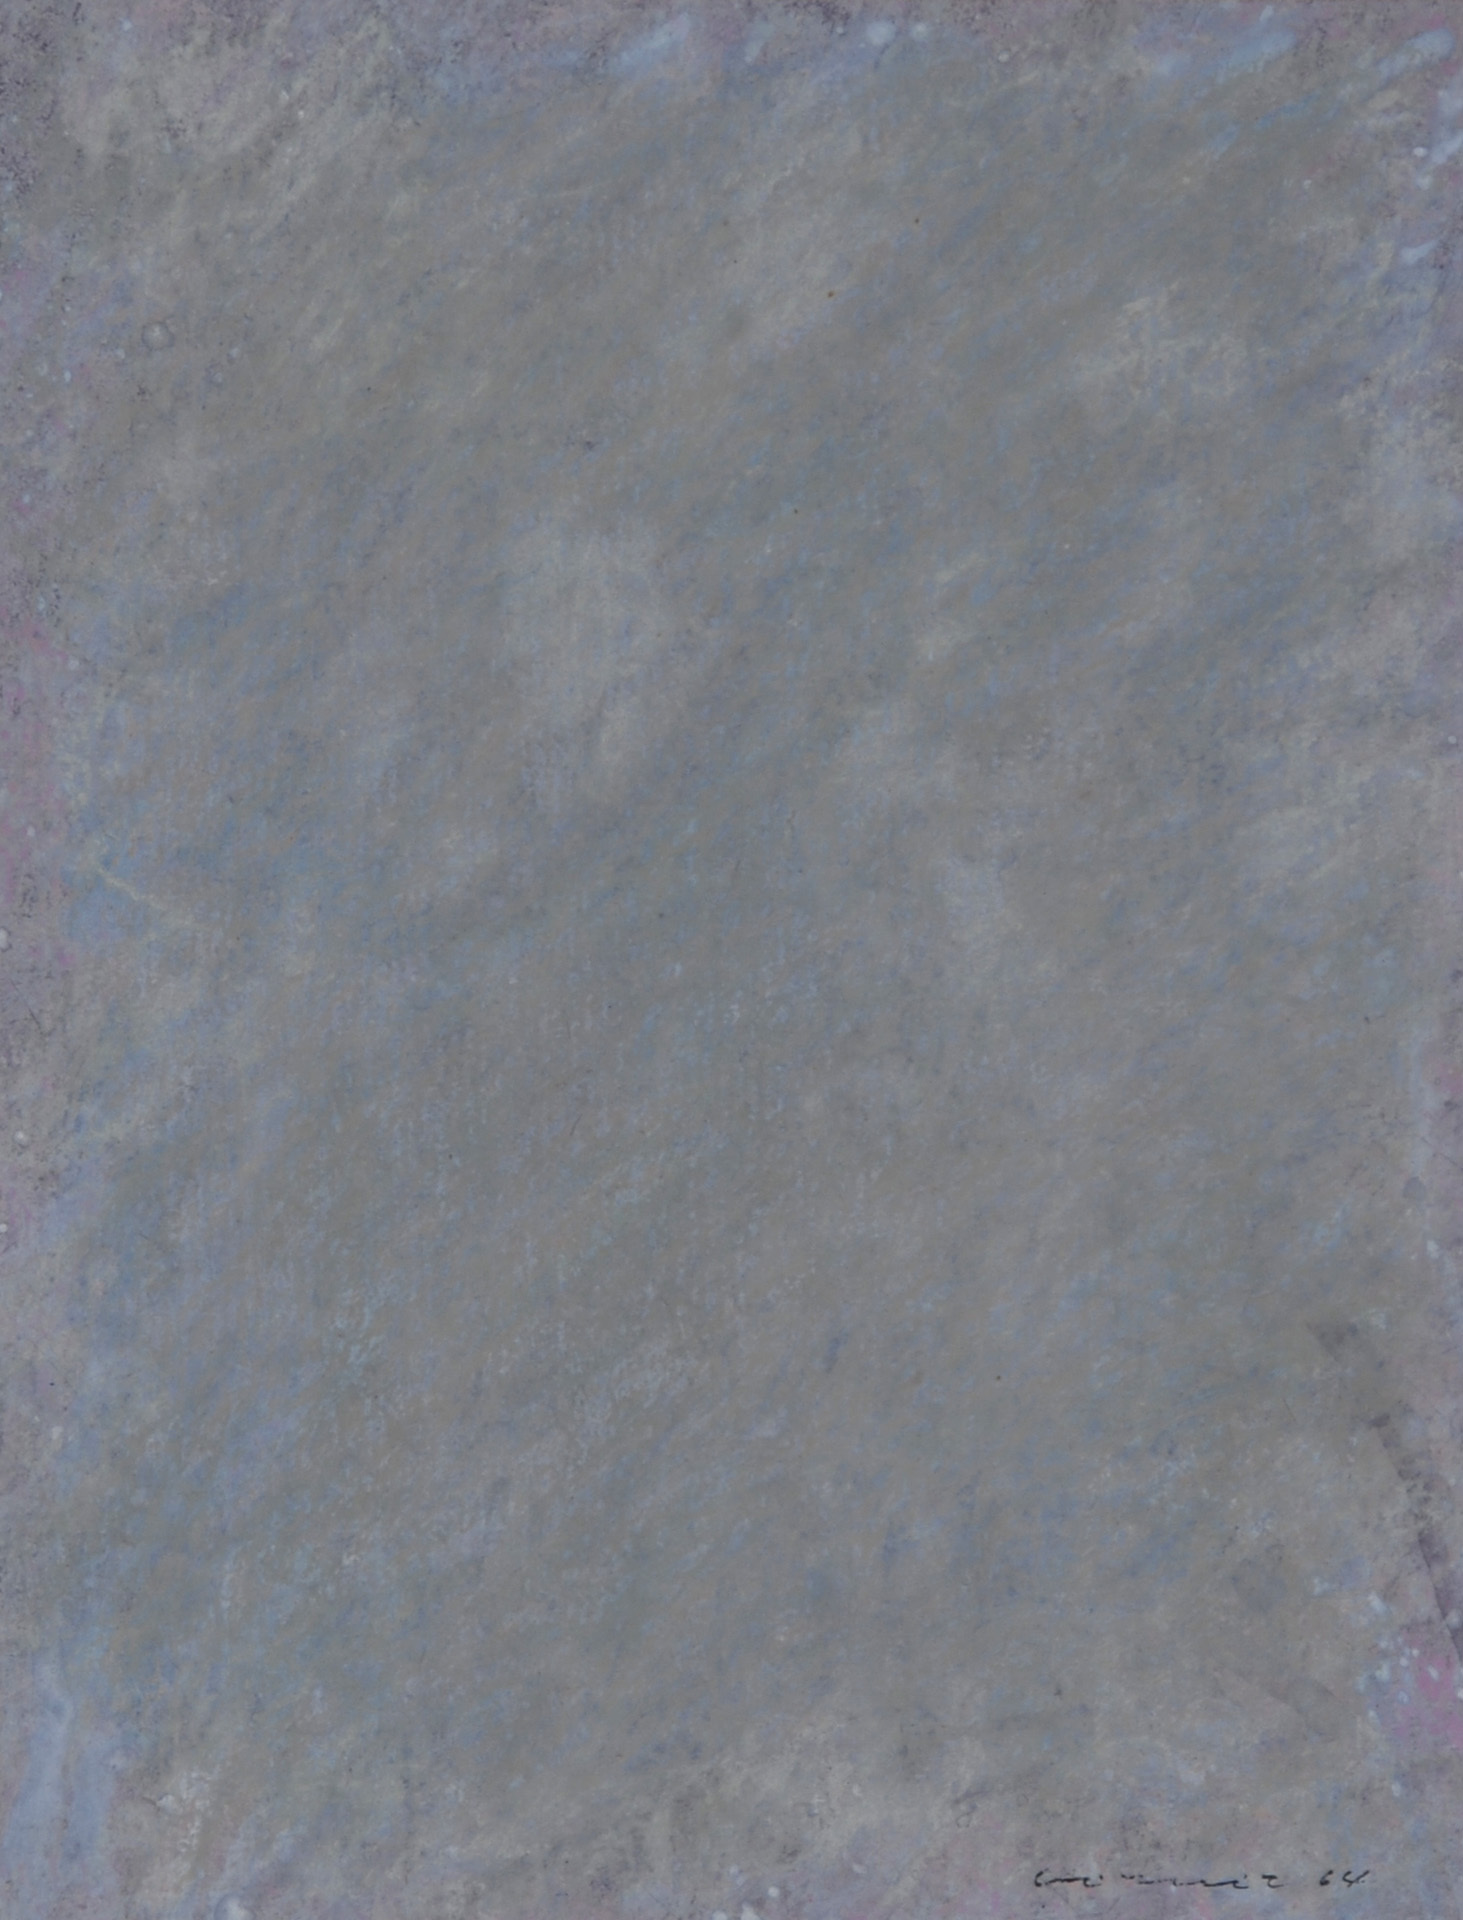 Berner Bernd, 2 sheets: Untitled